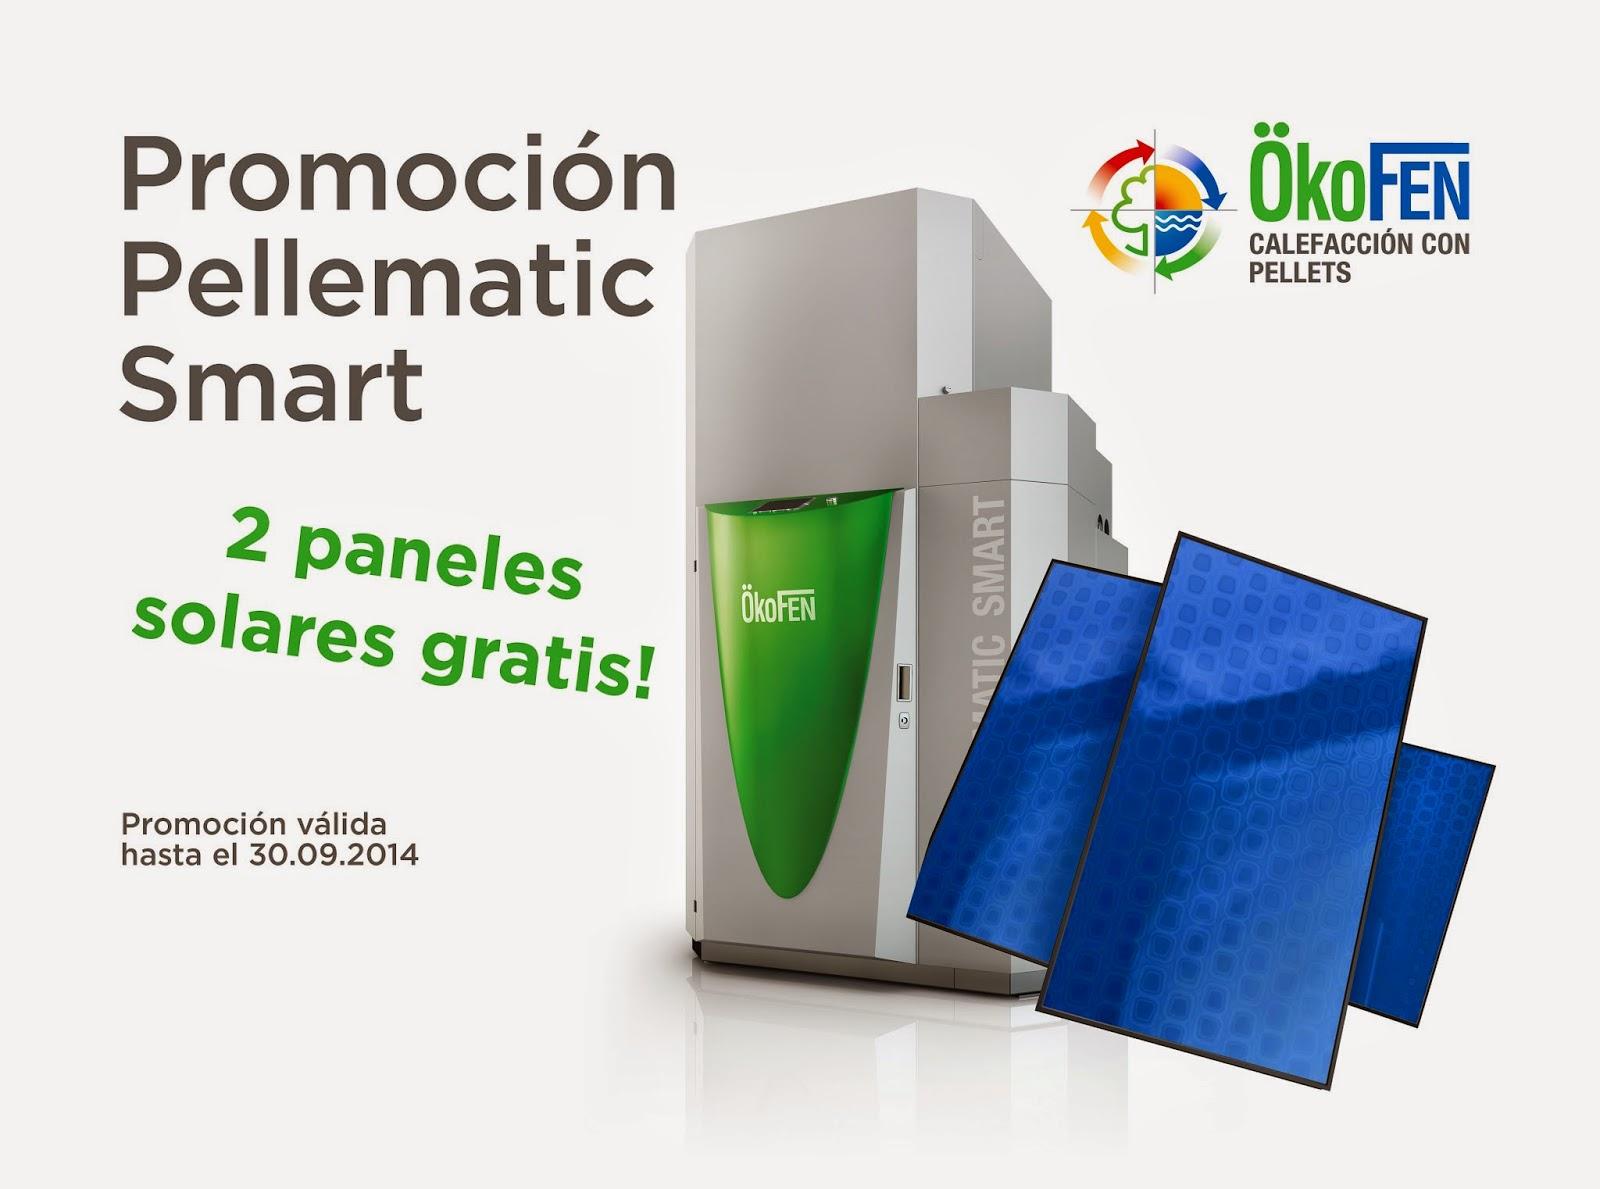 promoción caldera de pellets